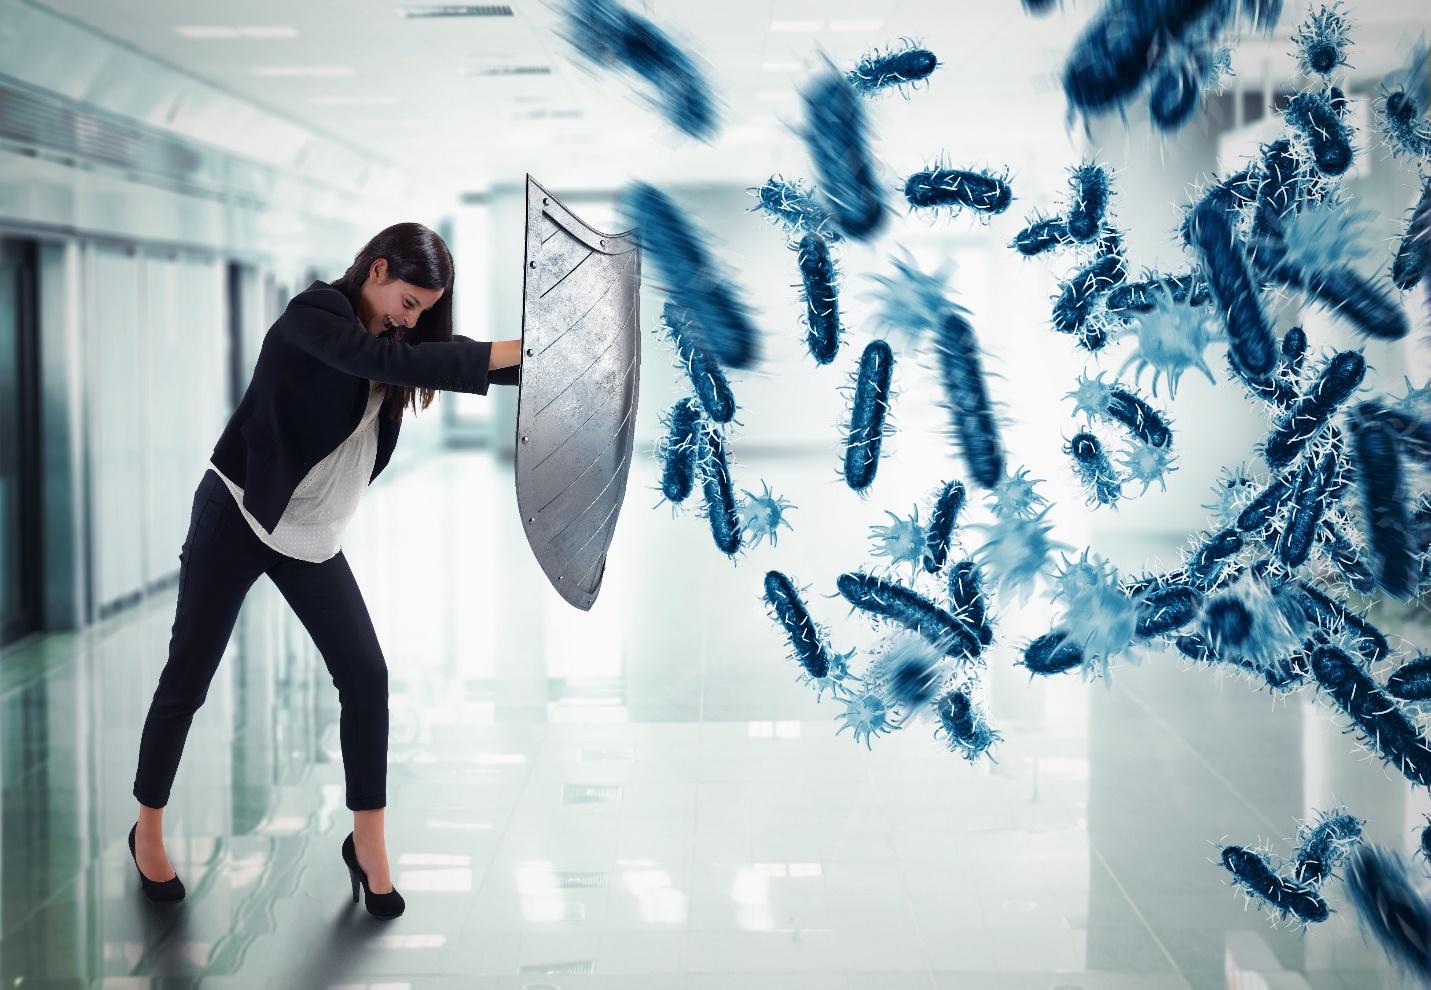 Tăng hiệu quả của kháng sinh, tăng cường khả năng chống khuẩn